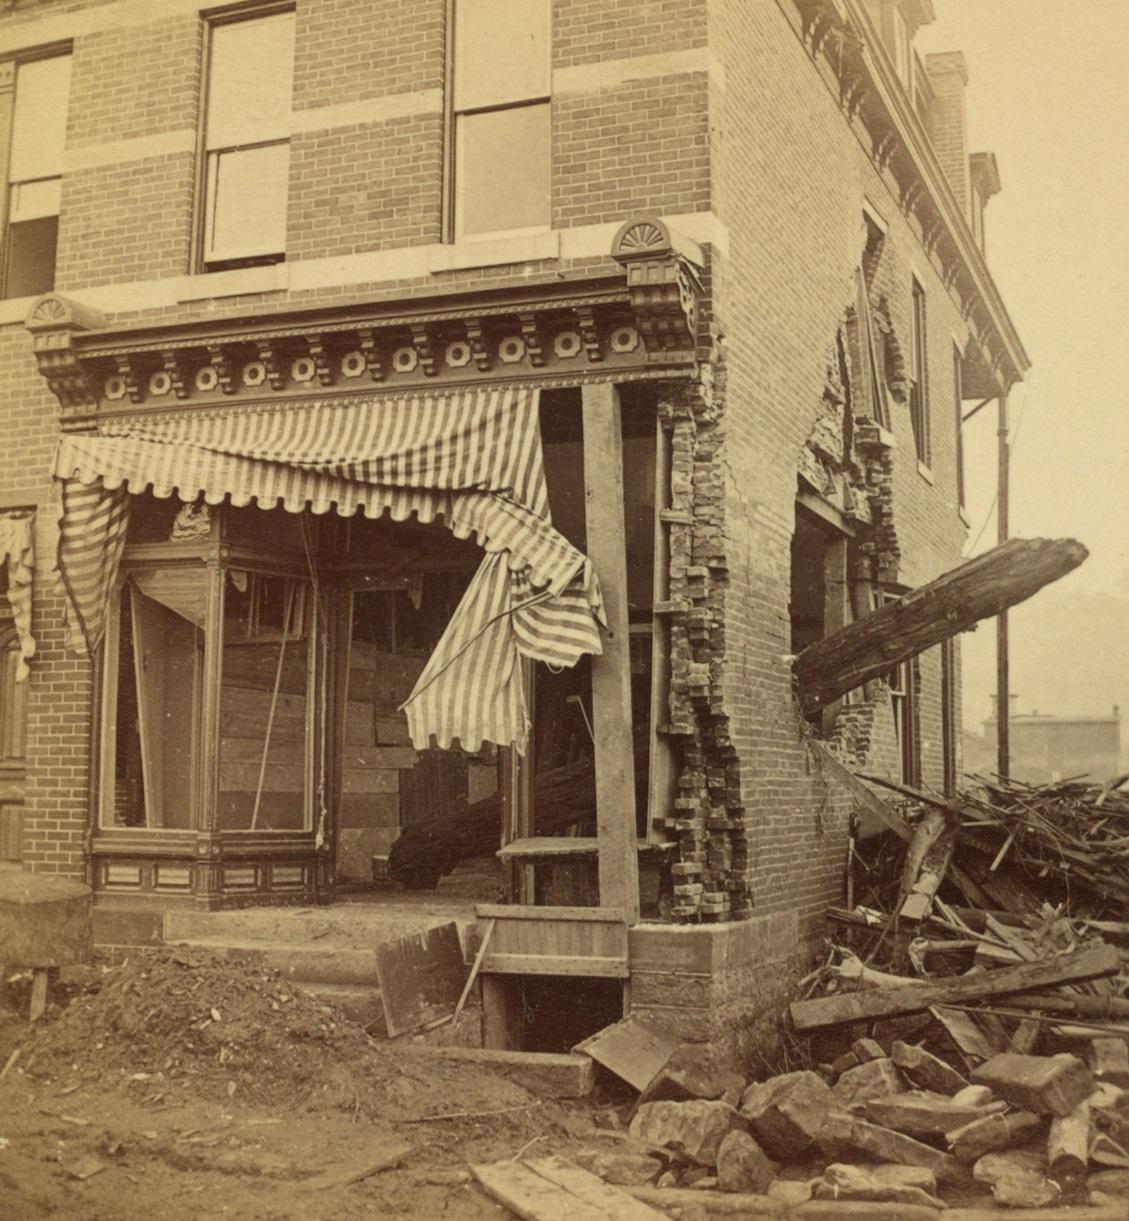 Johnstown Flood Damage